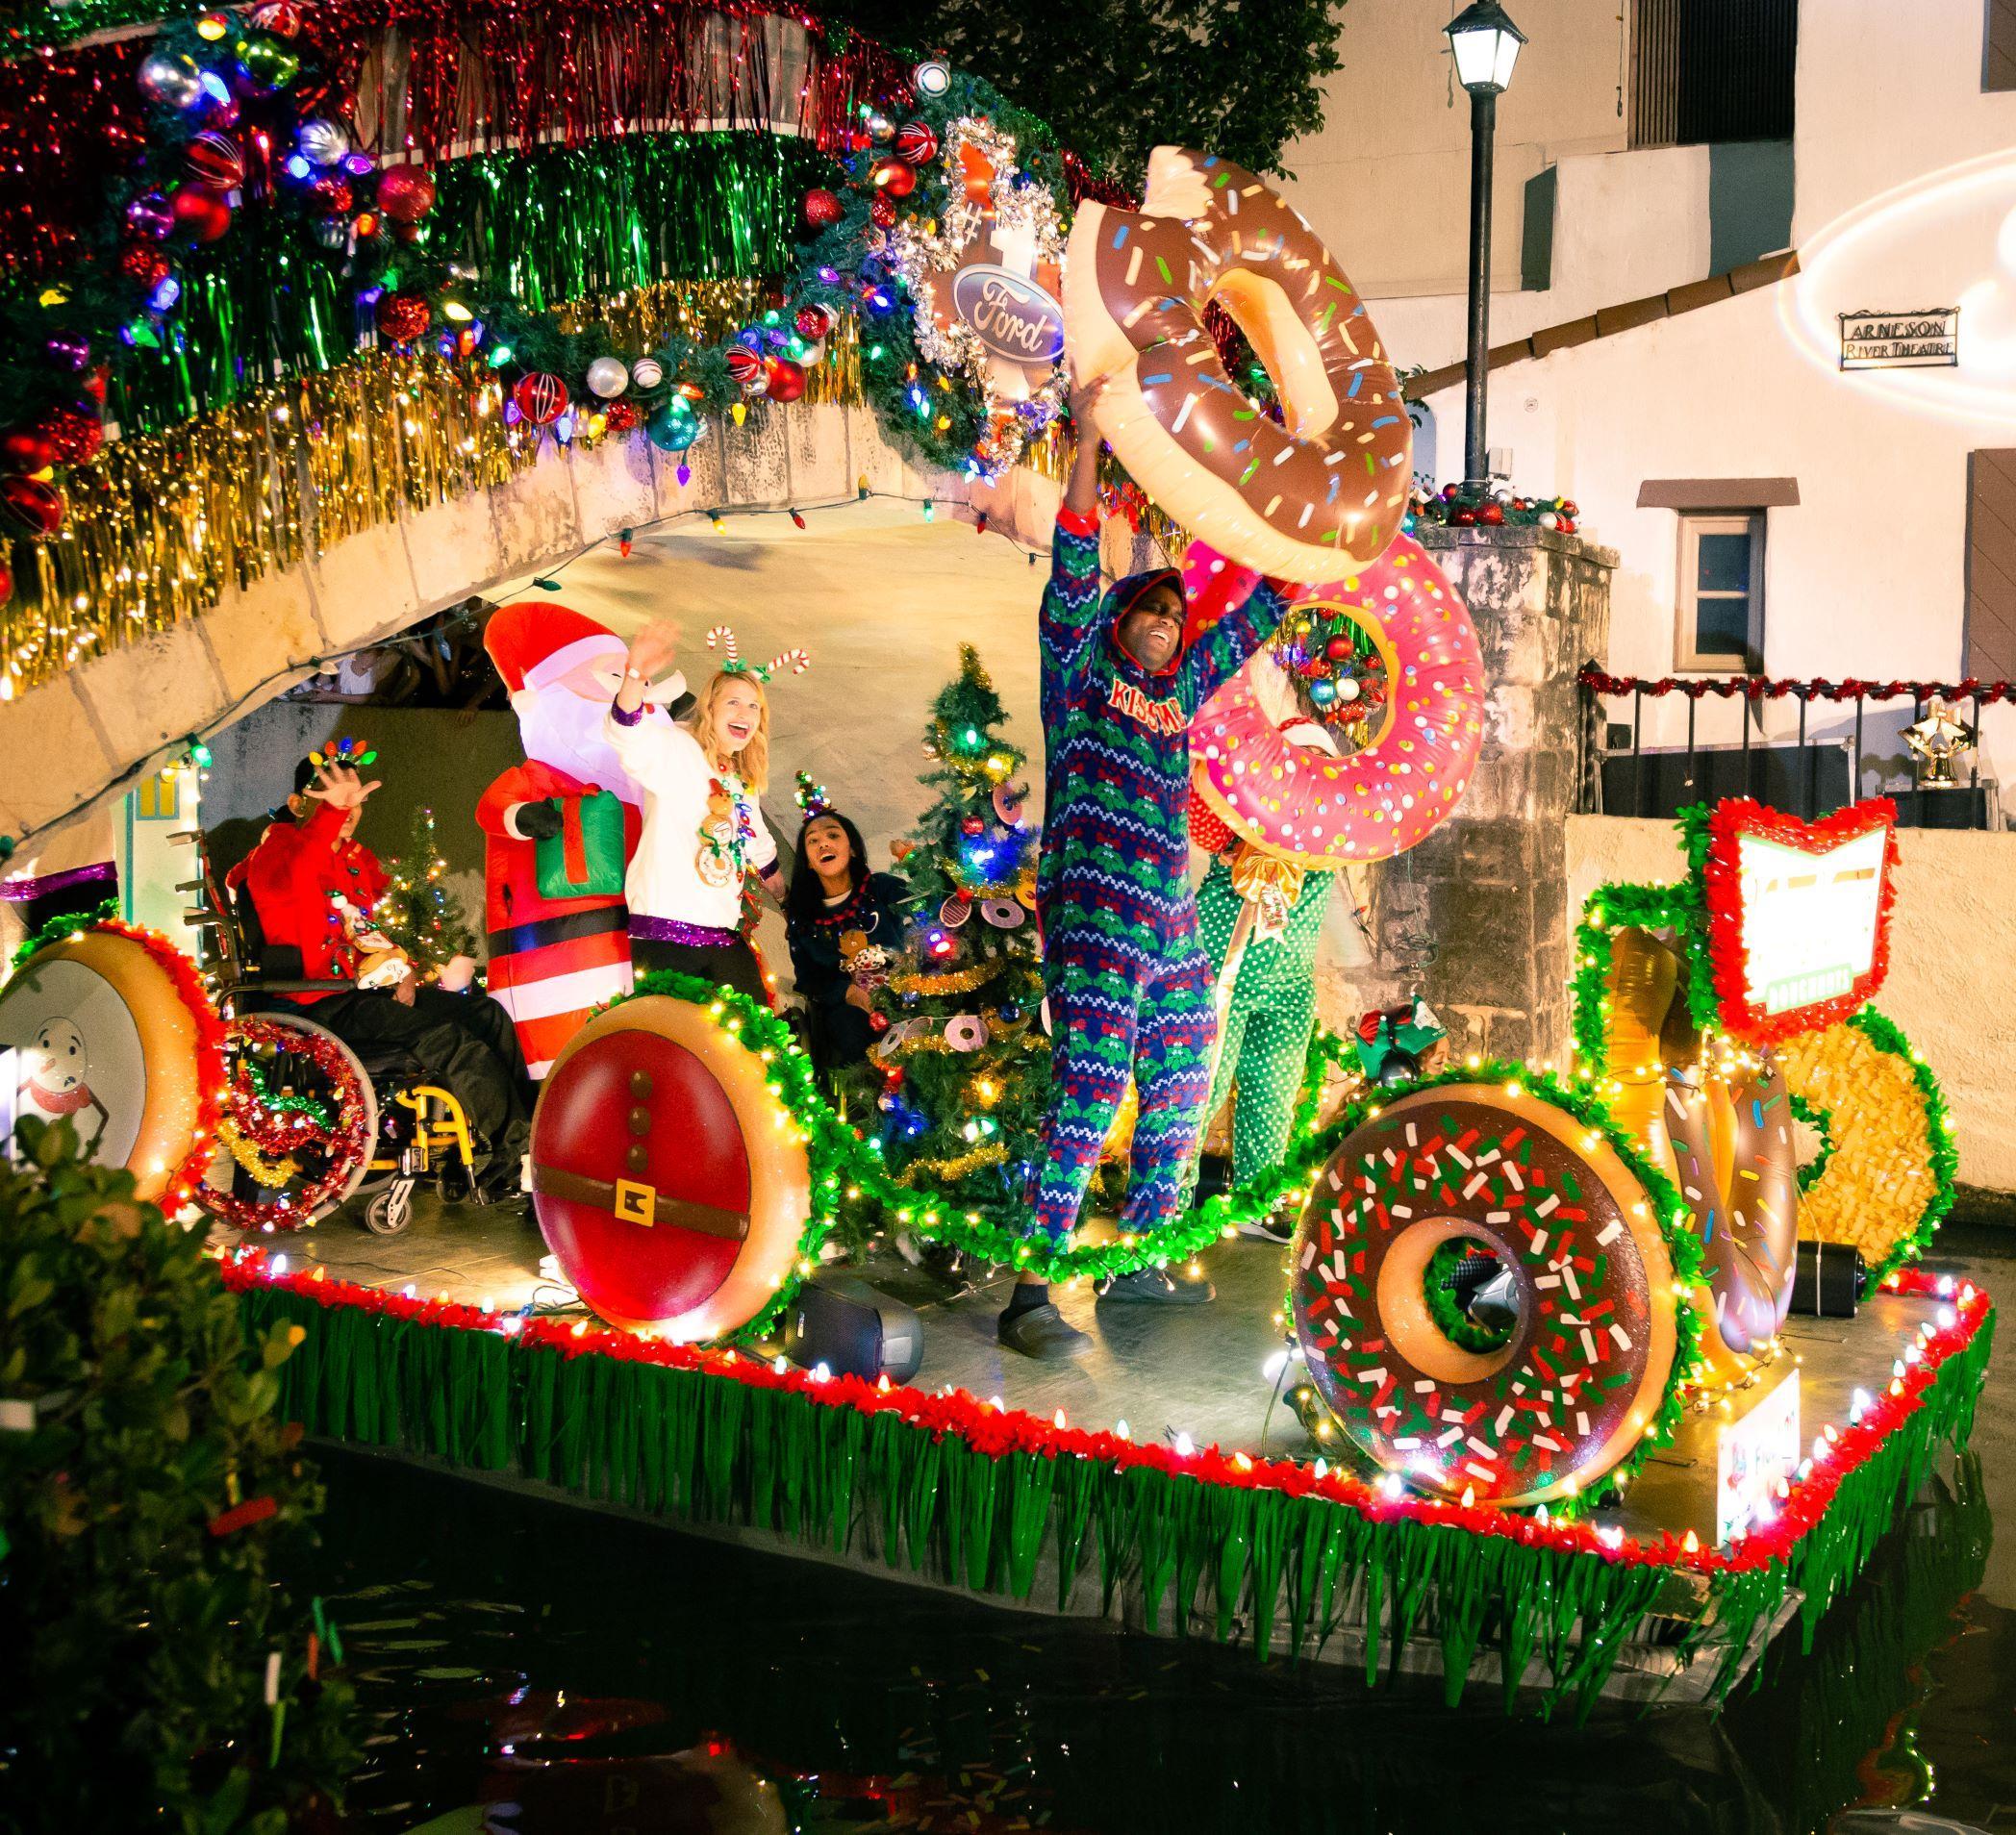 River Holiday Parade Participants Announced Texas Public